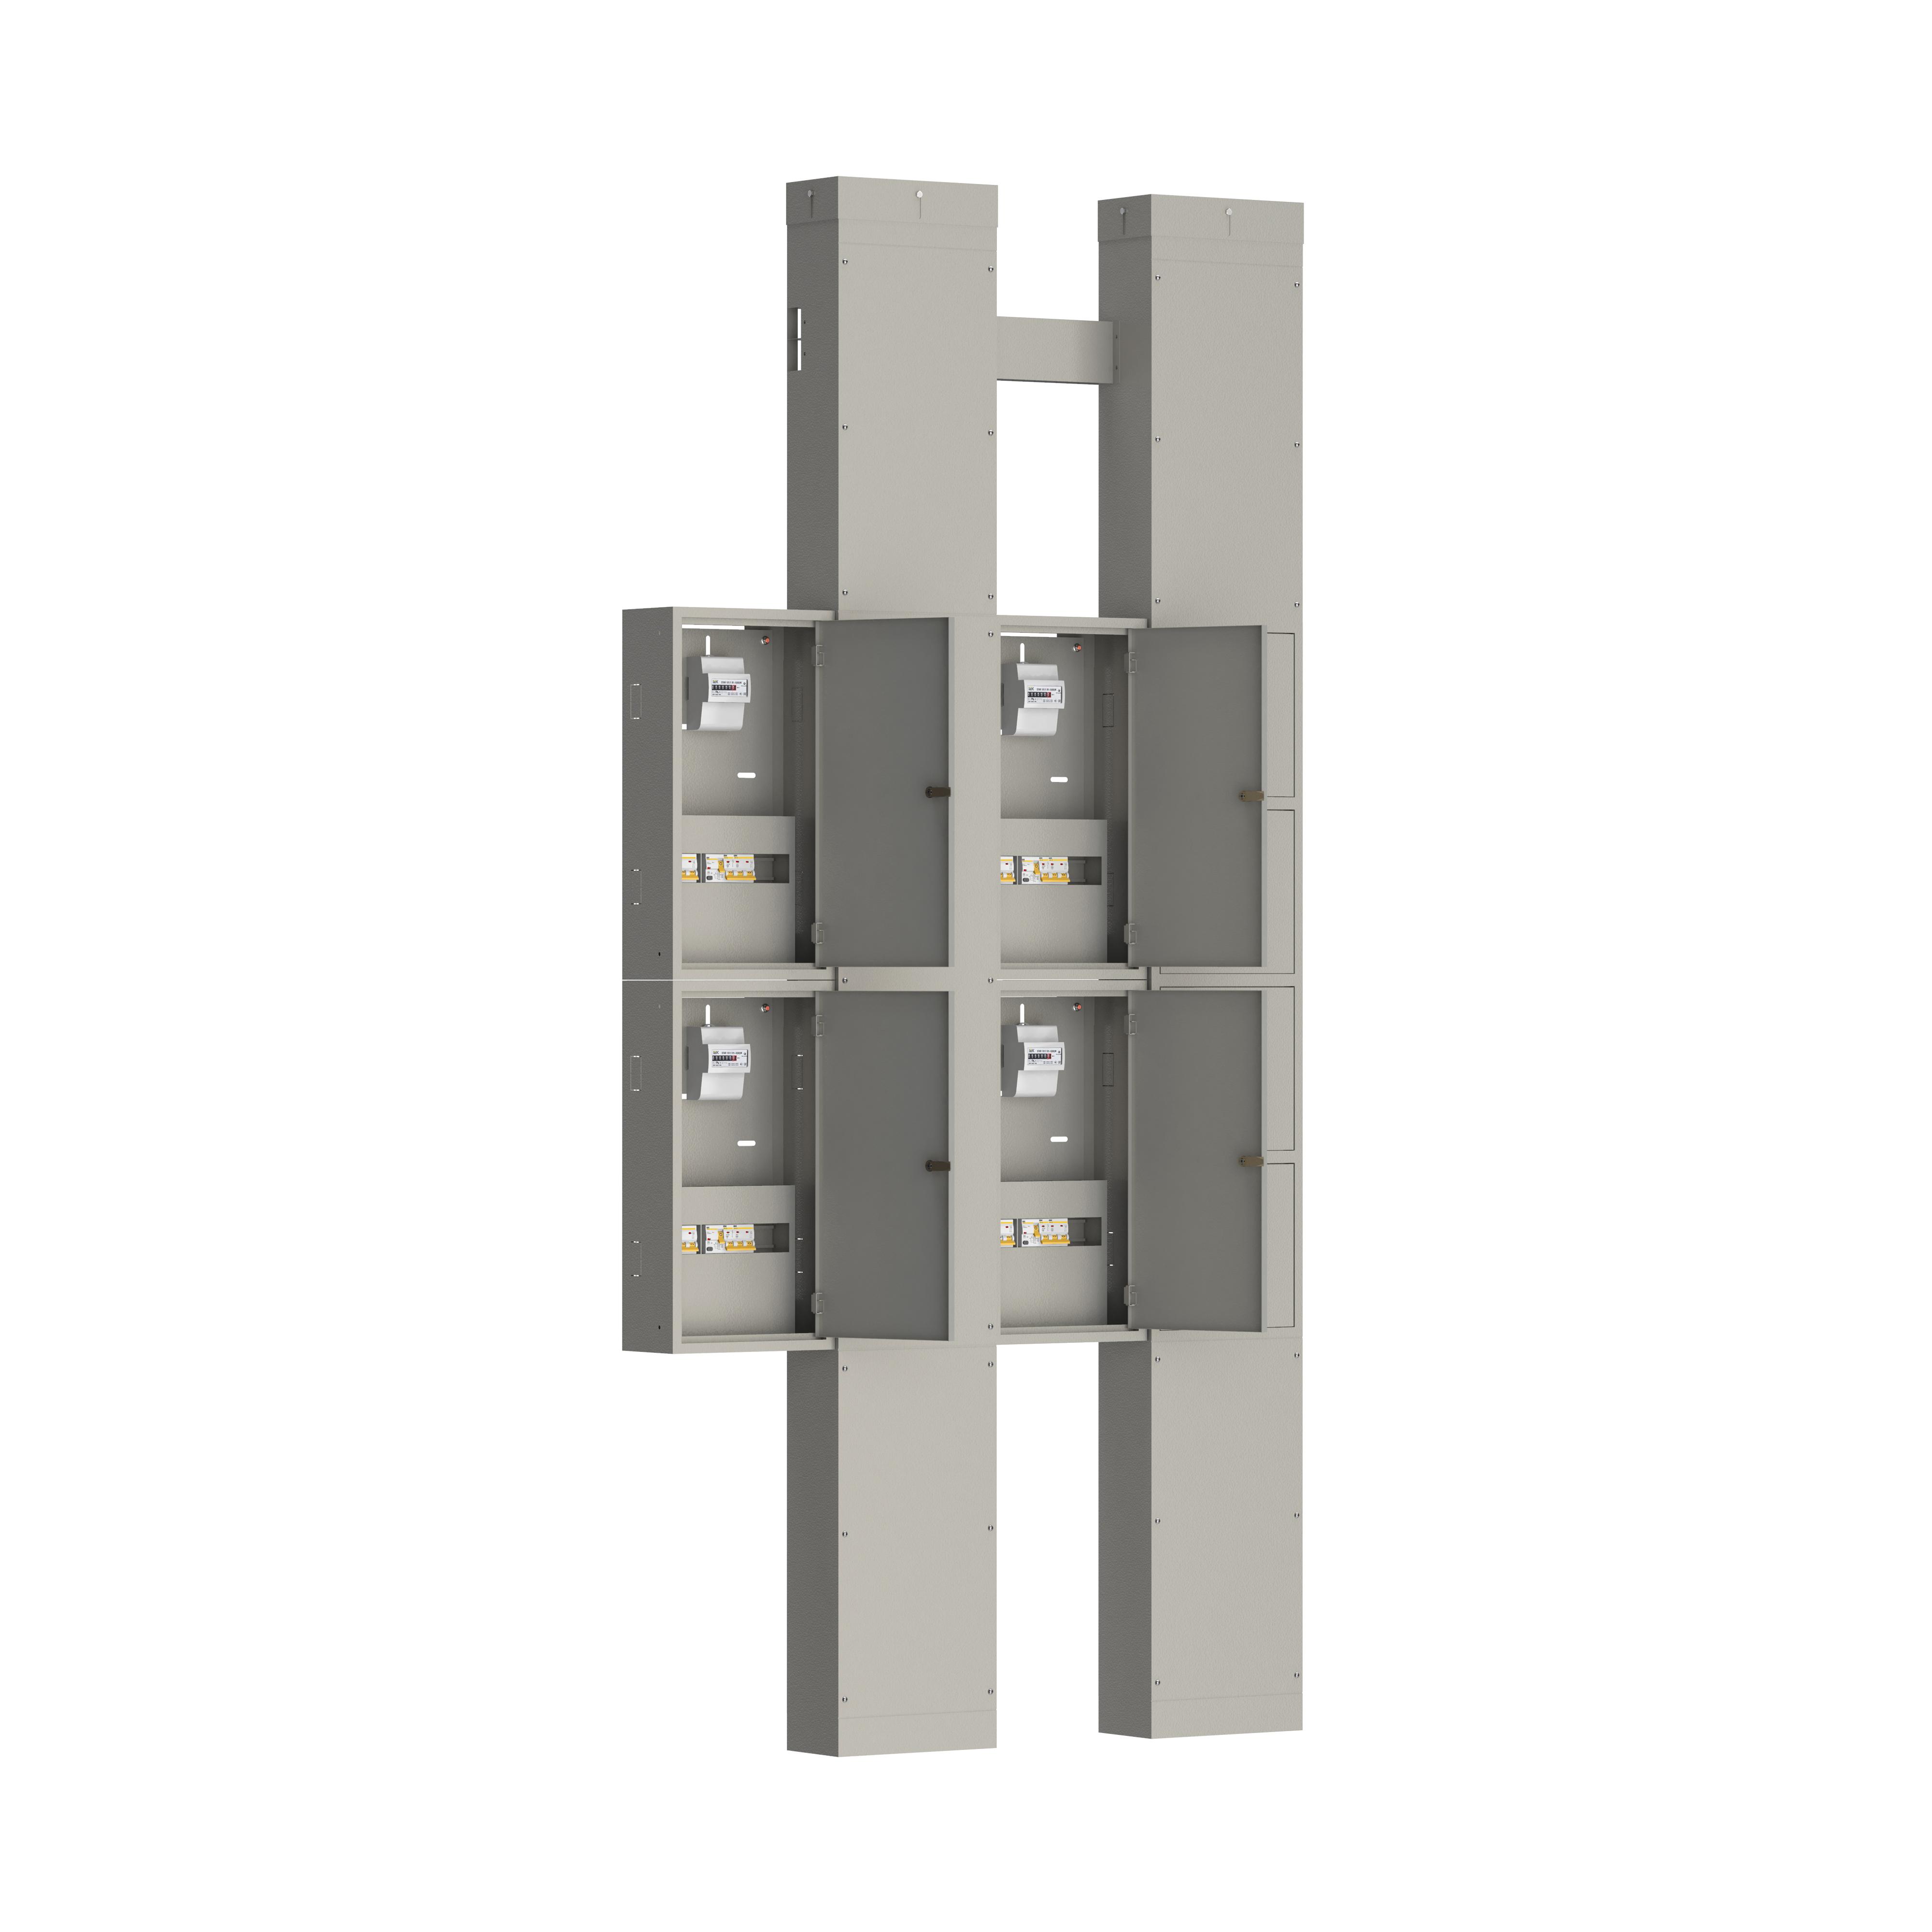 Устройство этажное распределительное УЭРМ-31 на три квартиры с однофазным вводом с характеристикой C в каждую квартиру IEK